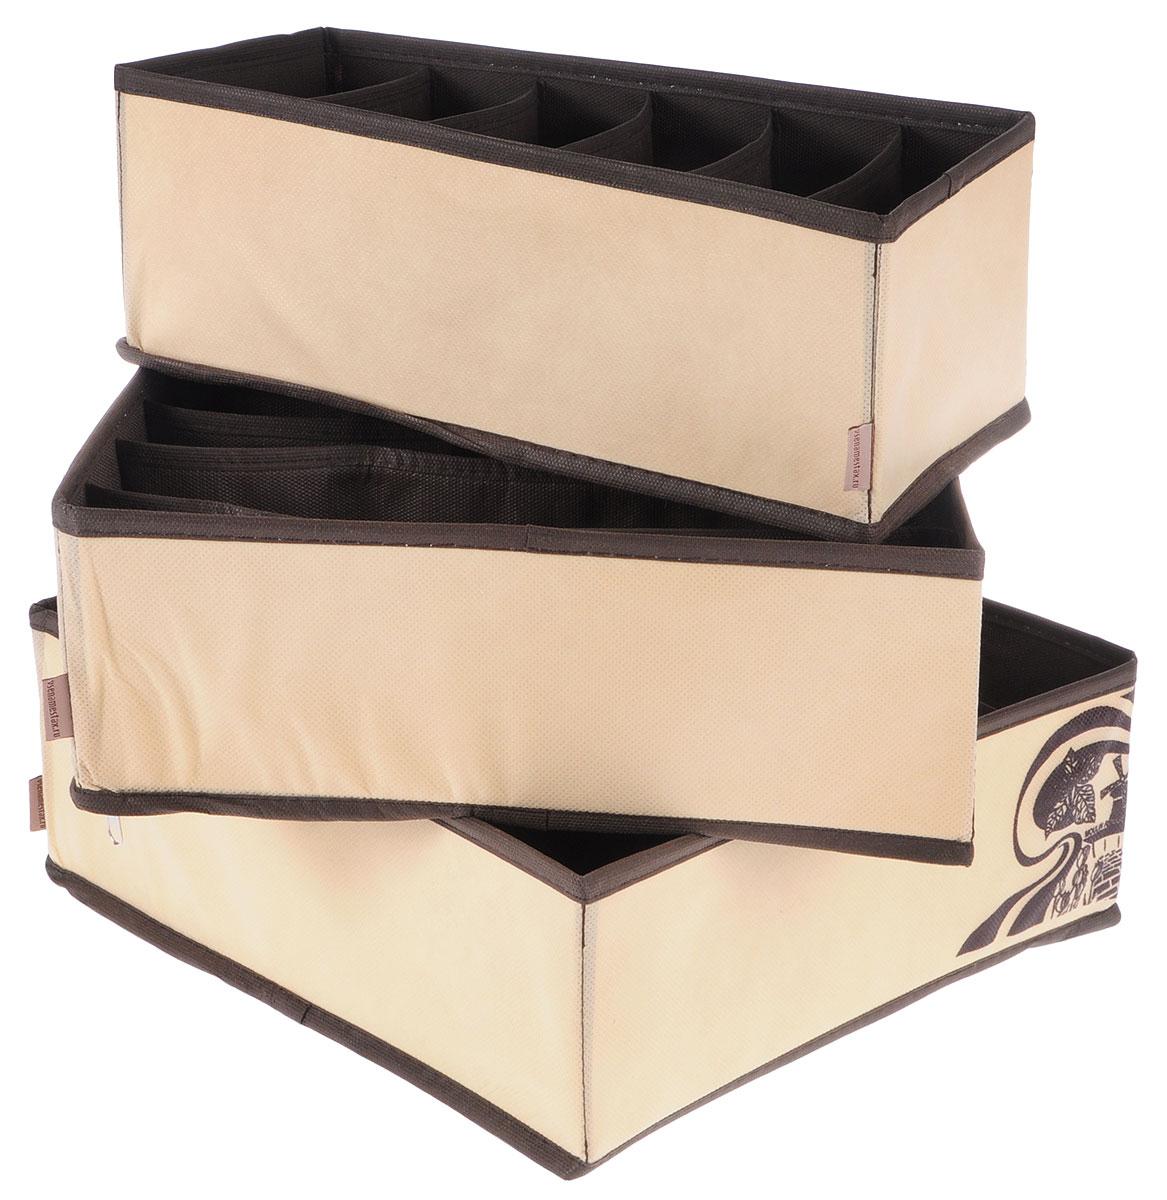 Набор состоит из трех органайзеров для хранения косметики и аксессуаров, а также белья. Изделия выполнены из высококачественного нетканого материала (спанбонда), который обеспечивает естественную вентиляцию, позволяя воздуху проникать внутрь, но не пропускает пыль. Вставки из ПВХ хорошо держат форму.  Набор органайзеров для косметики и аксессуаров поможет привести элементы женского туалета или белья в порядок.  Оригинальный дизайн придется по вкусу ценительницам эстетичного хранения.  Размер органайзеров: 32 см х 32 см х 11 см; 32 см х 32 см х 11 см, 32 см х 16 см х 11 см.